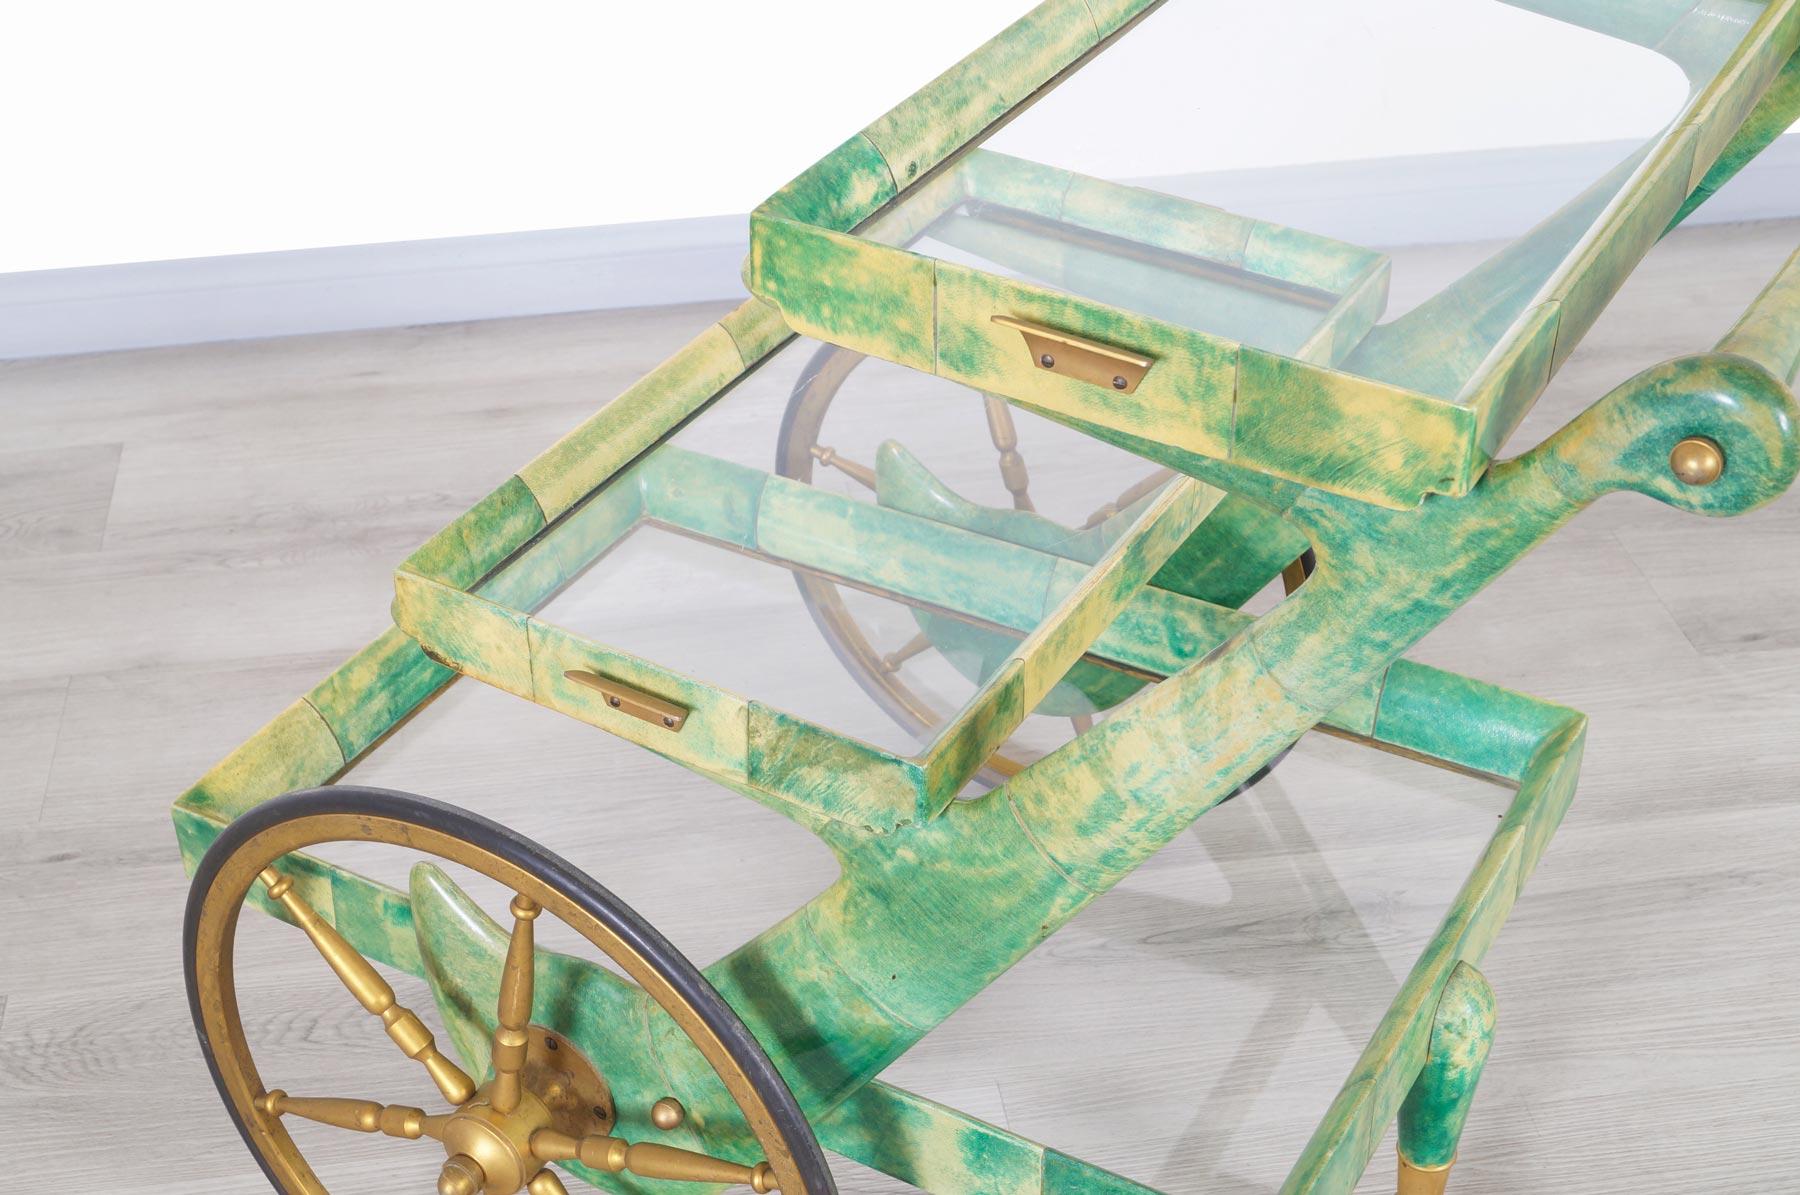 Italian Modernist Goatskin Bar Cart by Aldo Tura